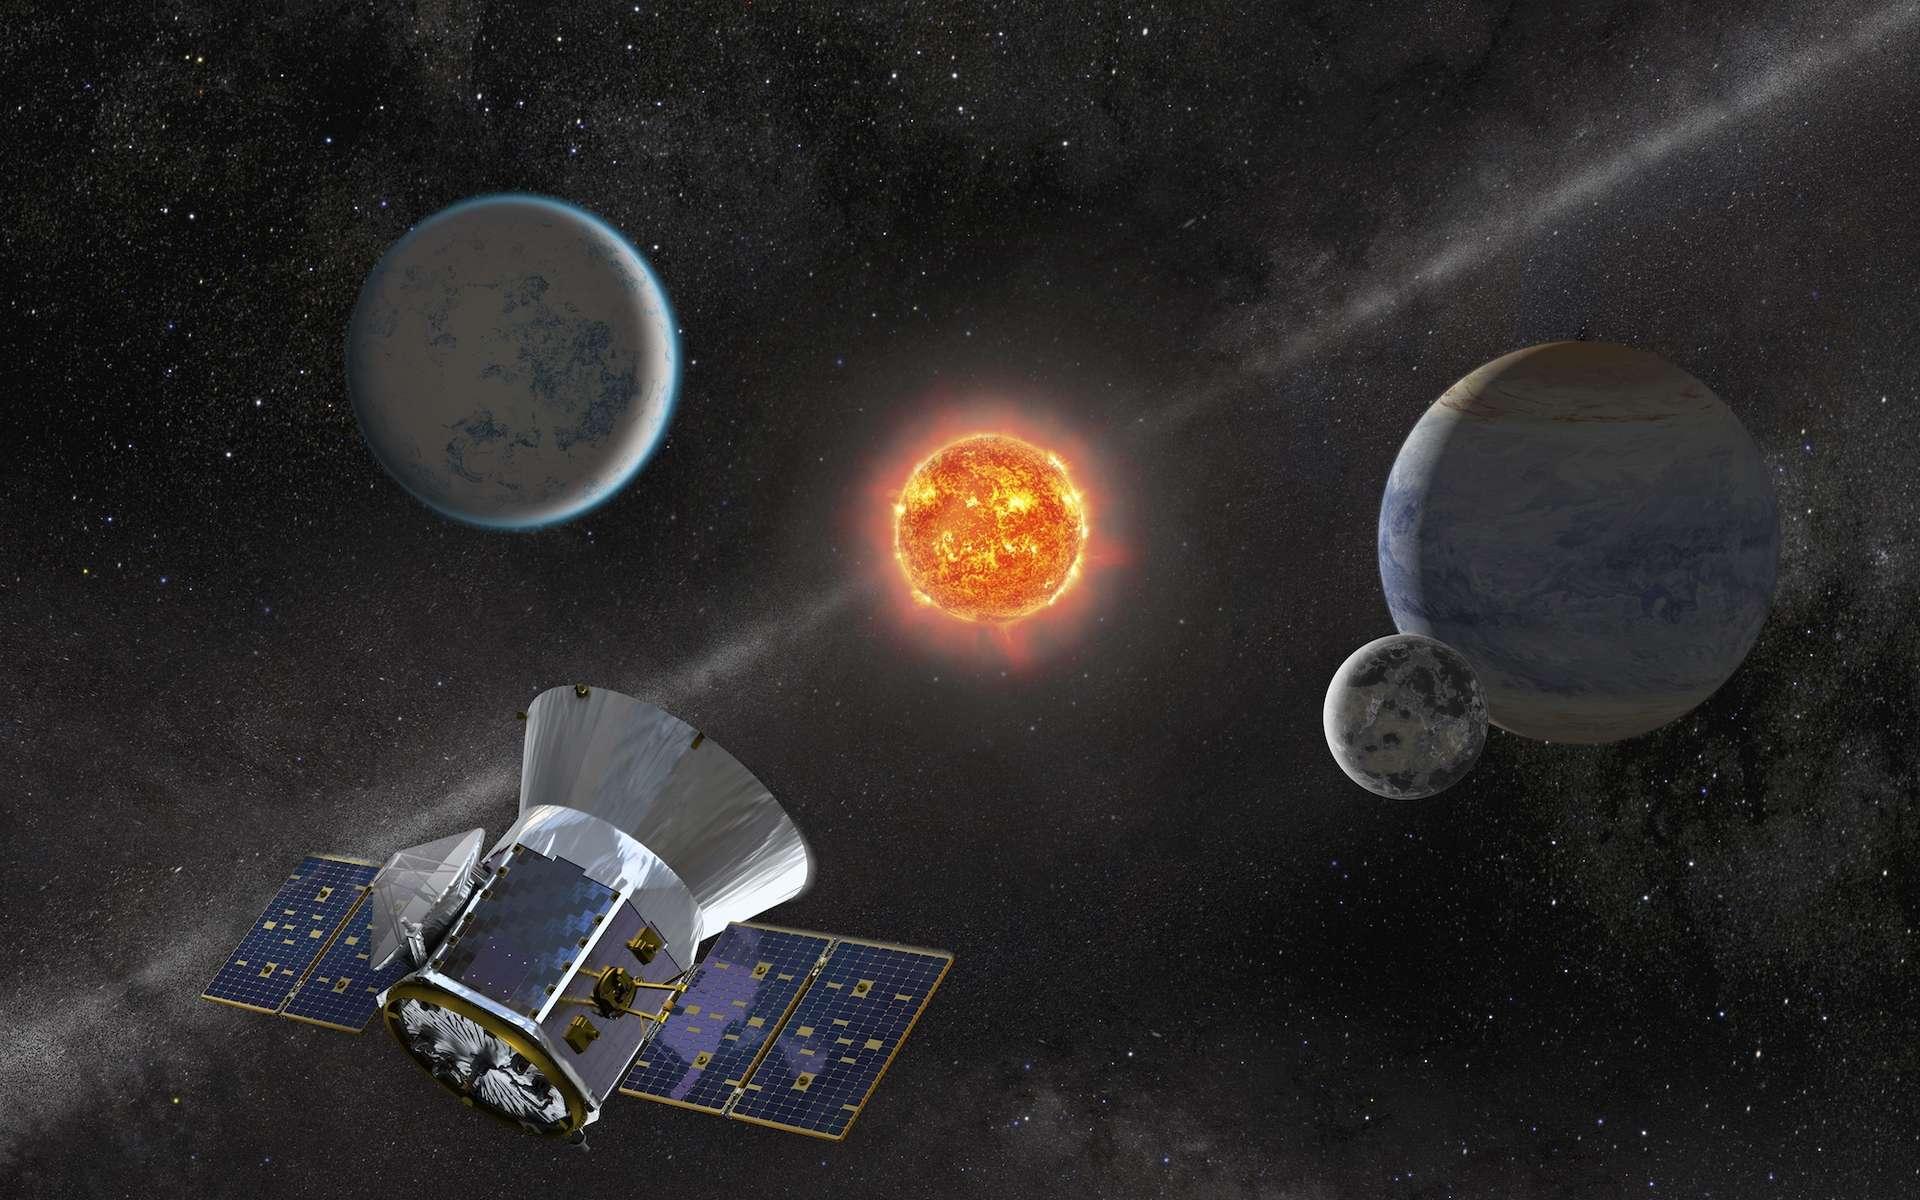 Une vue d'artiste de Tess, le chasseur d'exoplanète. © Nasa